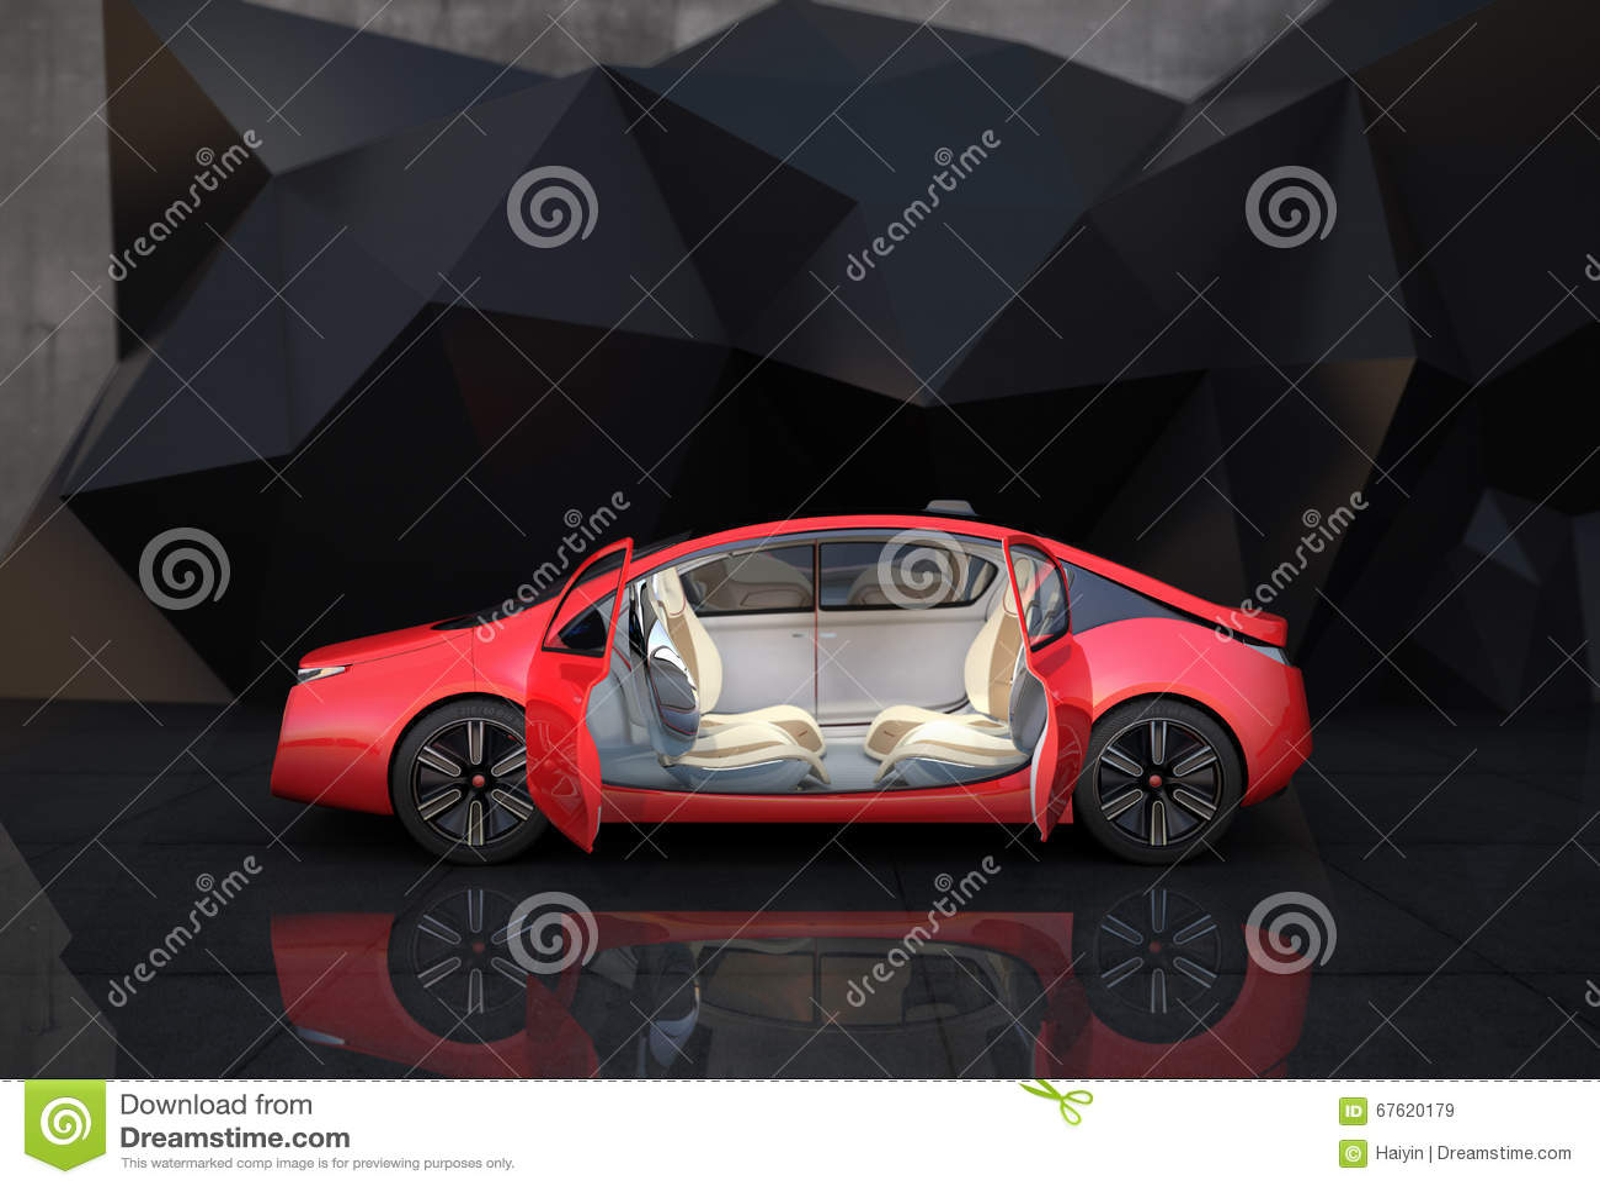 Vista laterale dell automobile autonoma rossa davanti al fondo geometrico dell oggetto